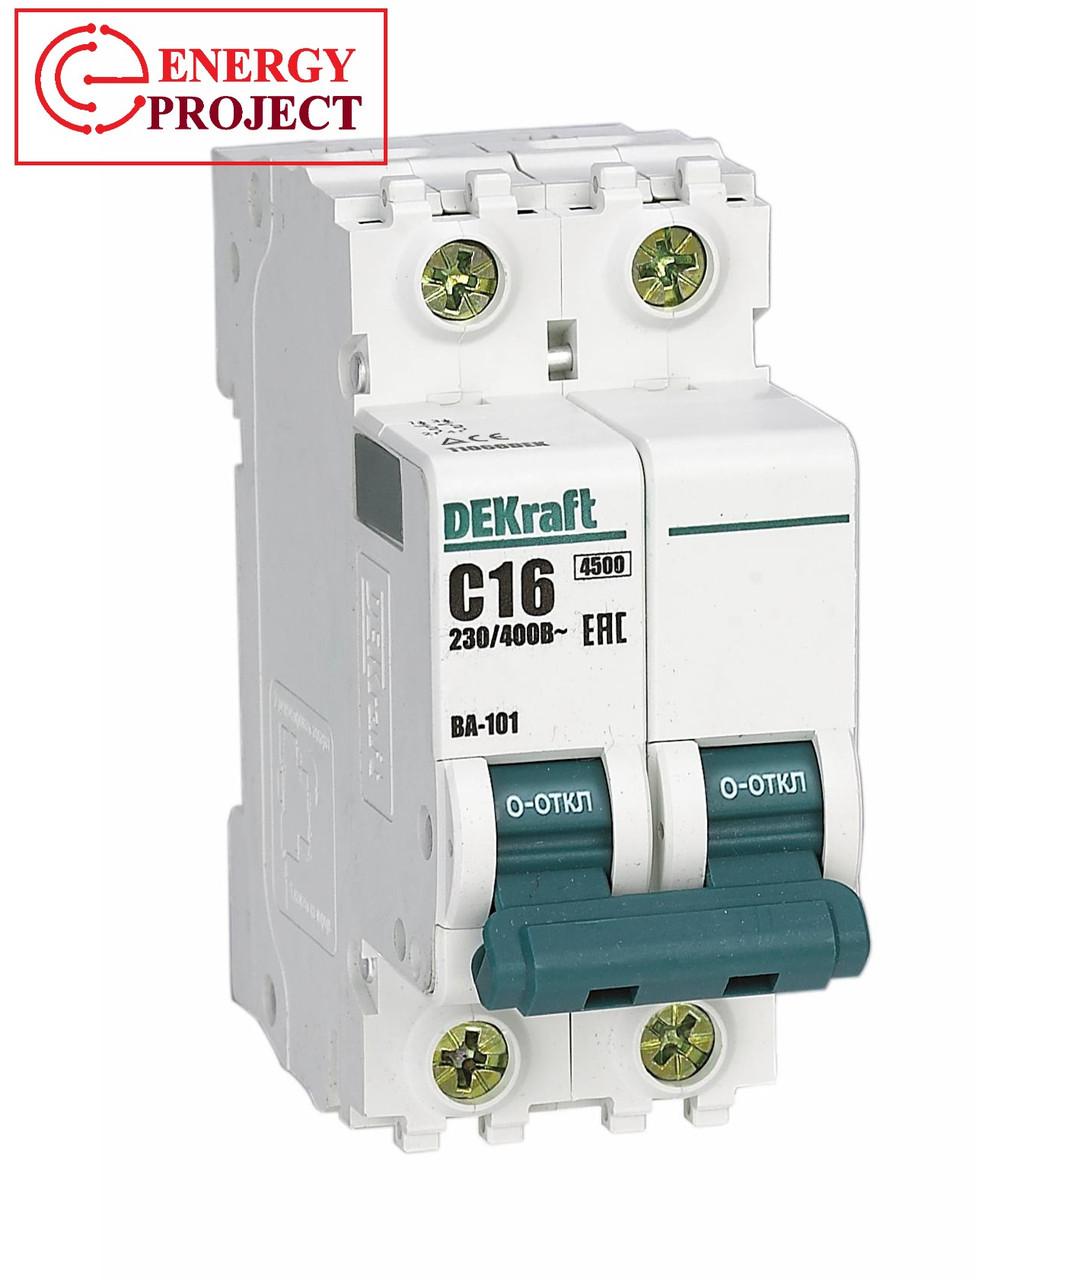 Автоматический выключатель ВА 101 3П 2А(48) Dekraft